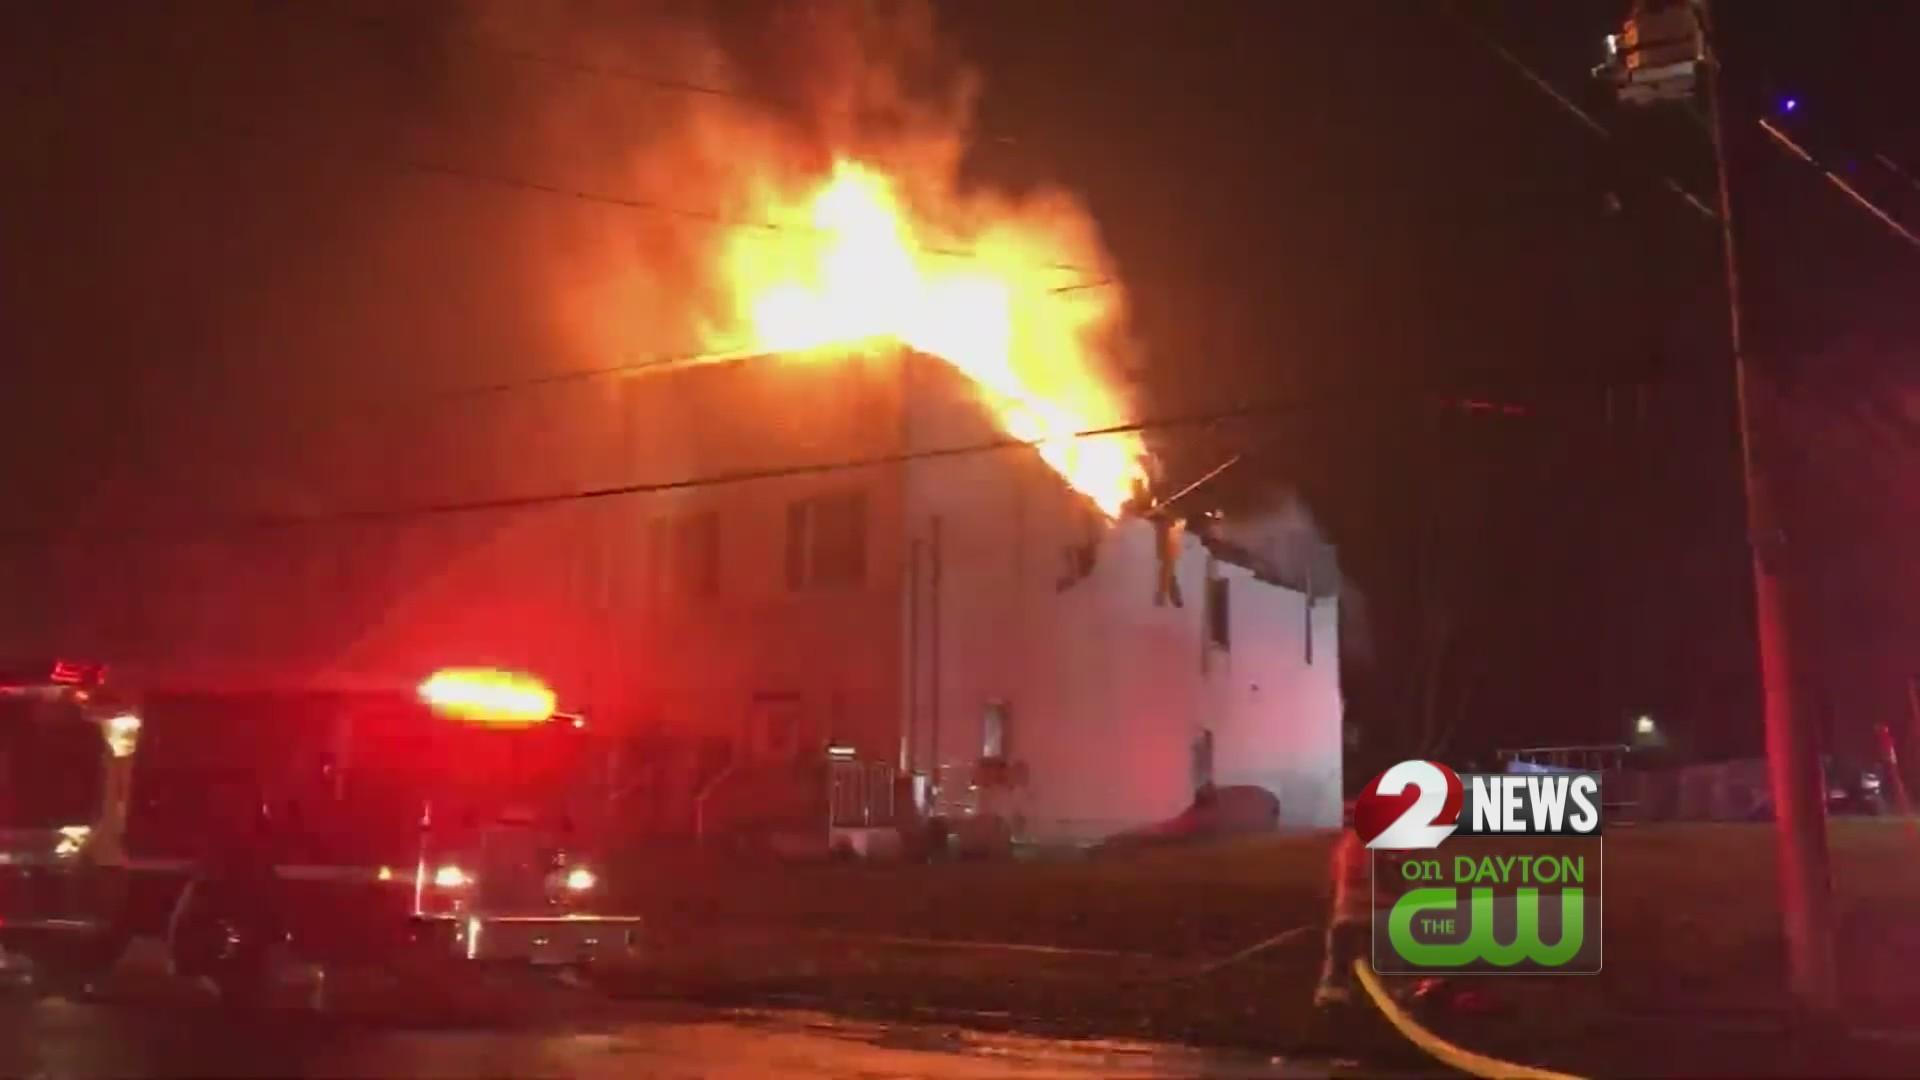 Officer hailed hero for saving 8 from burning duplex